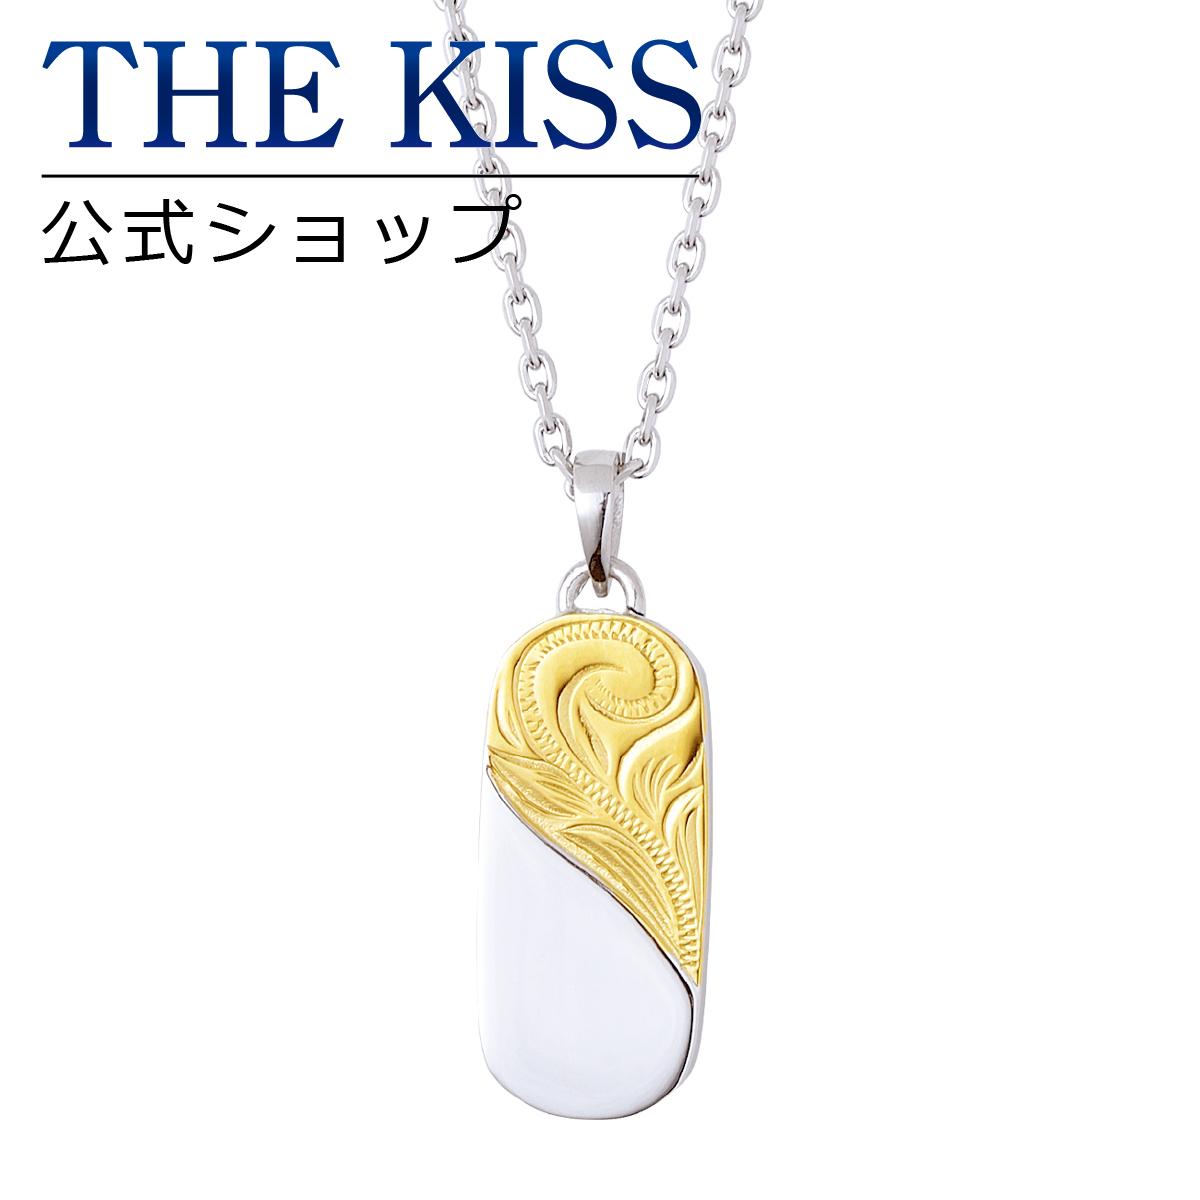 【あす楽対応】THE KISS 公式サイト ステンレス ハワイアン ペアネックレス (レディース 単品) ペアアクセサリー カップル に 人気 の ジュエリーブランド THEKISS ペア ネックレス・ペンダント 記念日 プレゼント L-N8000 ザキス 【送料無料】